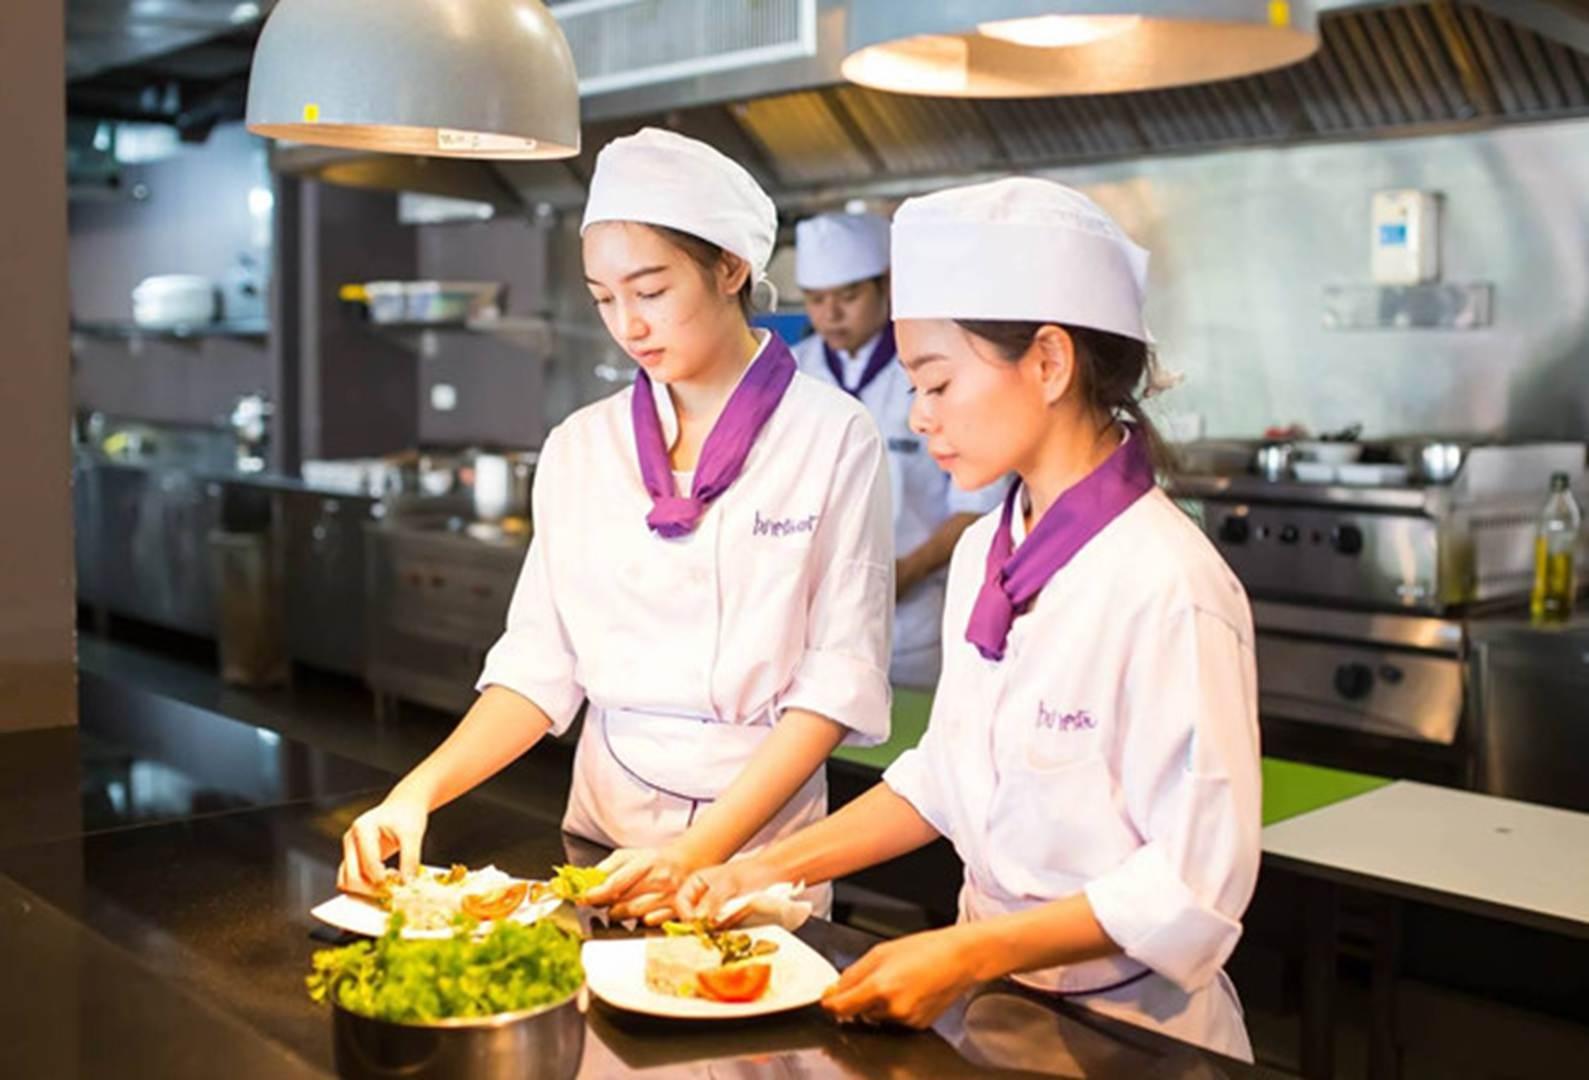 Đại học ở Thái Lan có đồng phục đầu bếp, bartender cho sinh viên-5